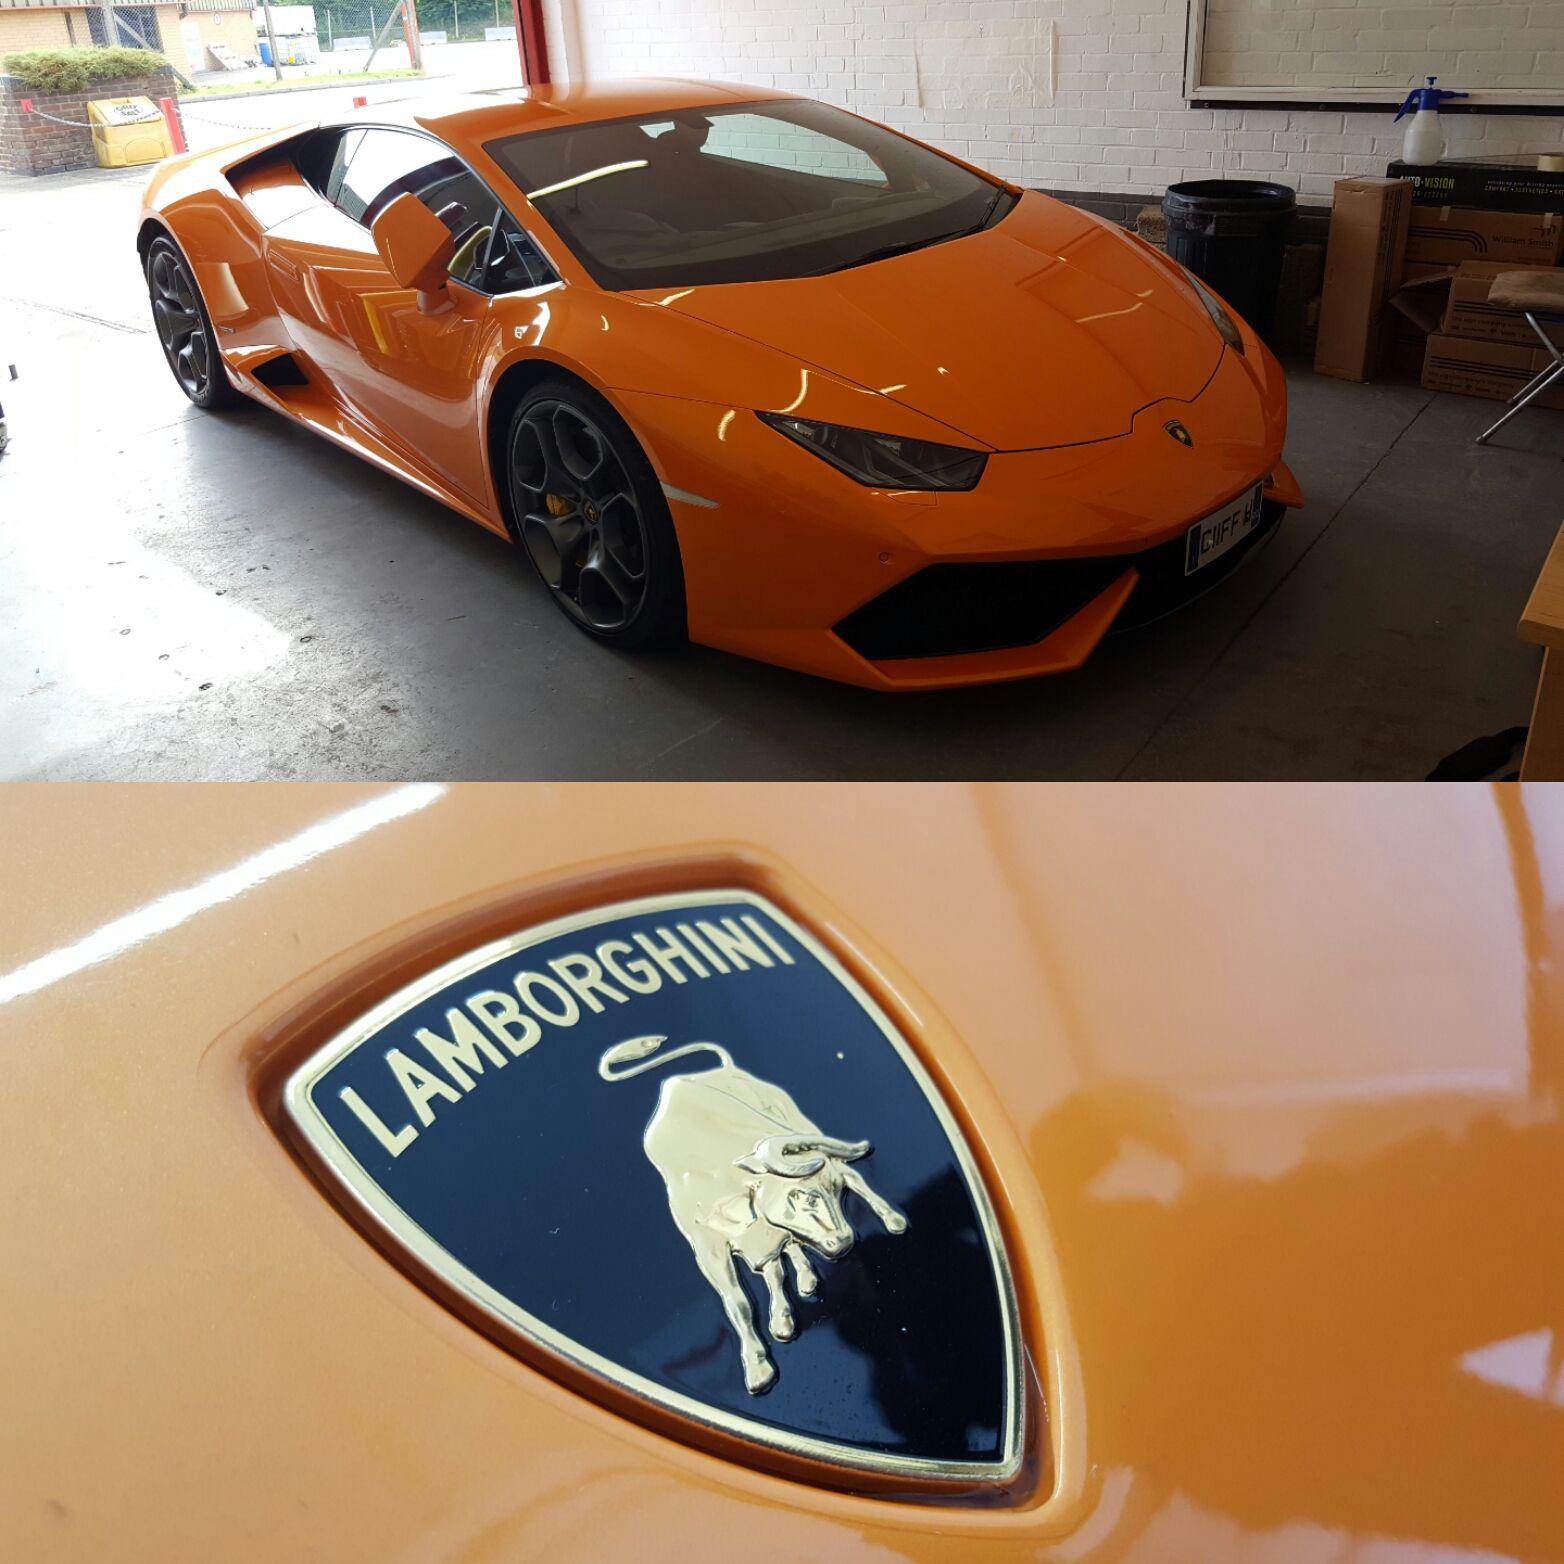 A Beautiful Lamborghini Huracan In Sunrise Orange Fitted With A